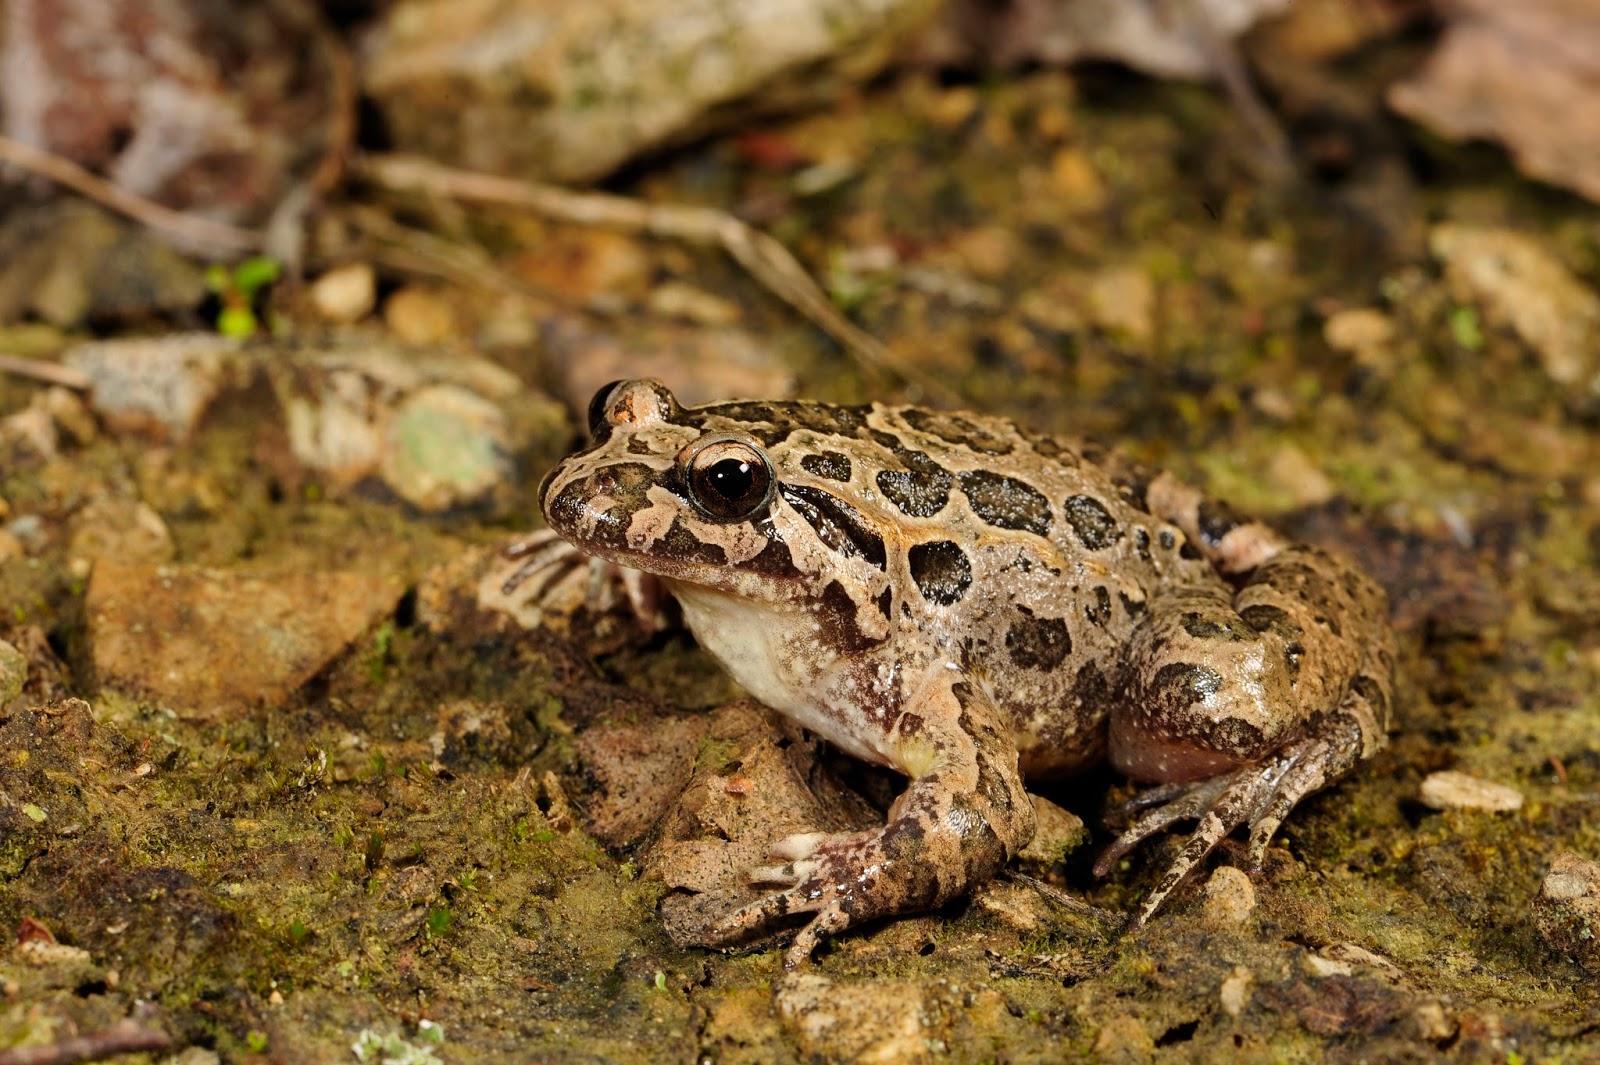 Amphibians: BennyTrapp Cädiz-Scheibenzüngler bzw Iberischer Scheibenzüngler Discoglossus (galganoi) jeannaea